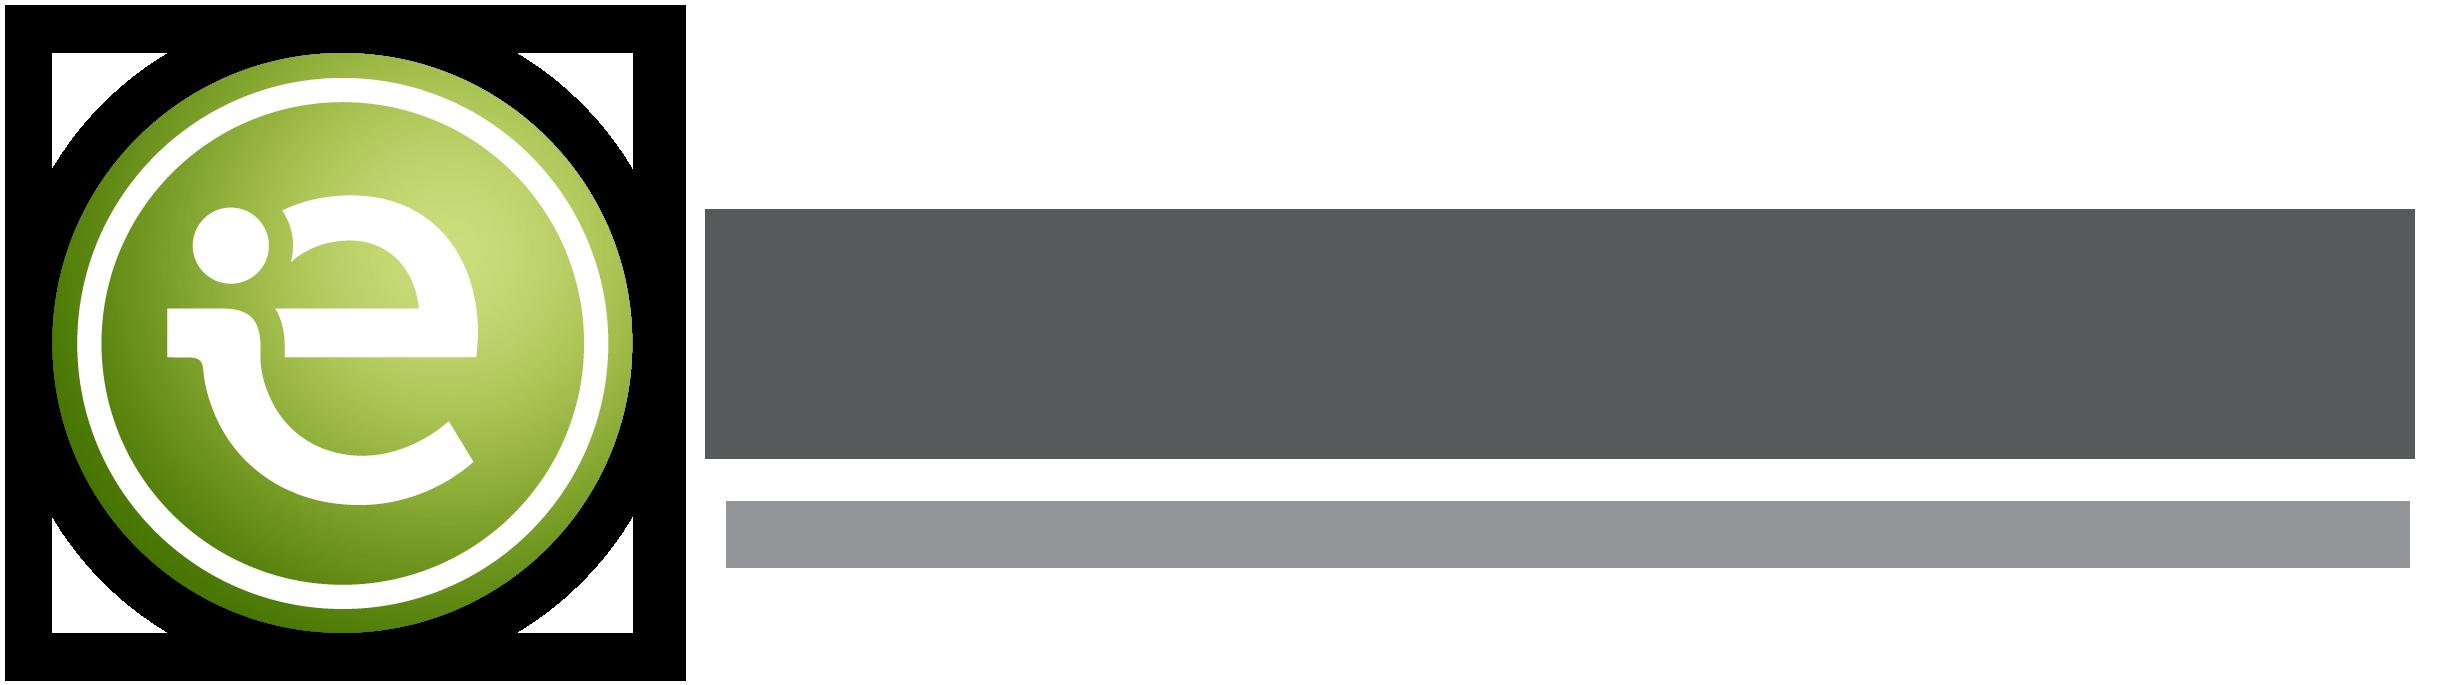 inside eBike | Das Nachrichtenportal für einspurige Elektromobilität [zum Betrachten der Bilder externe Inhalte zulassen]